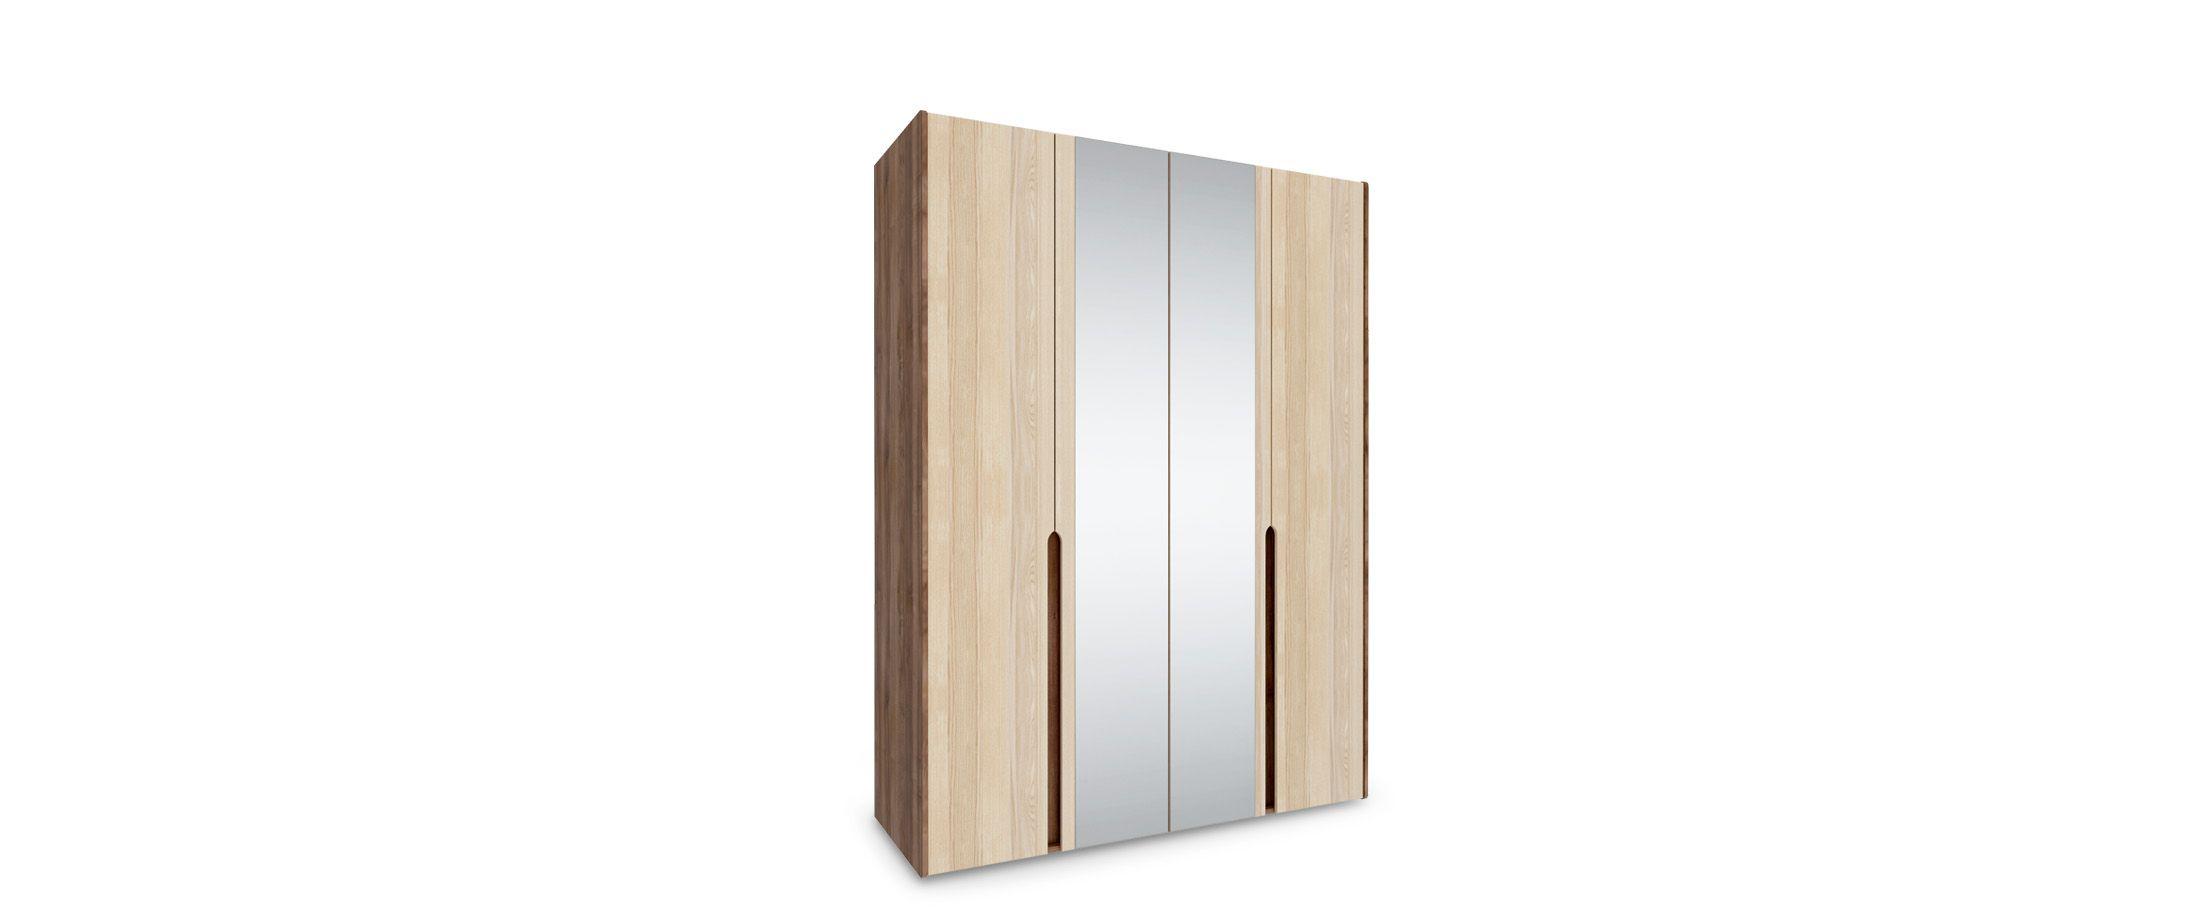 Шкаф 4-дверный с зеркалом Ребекка от MOON TRADE